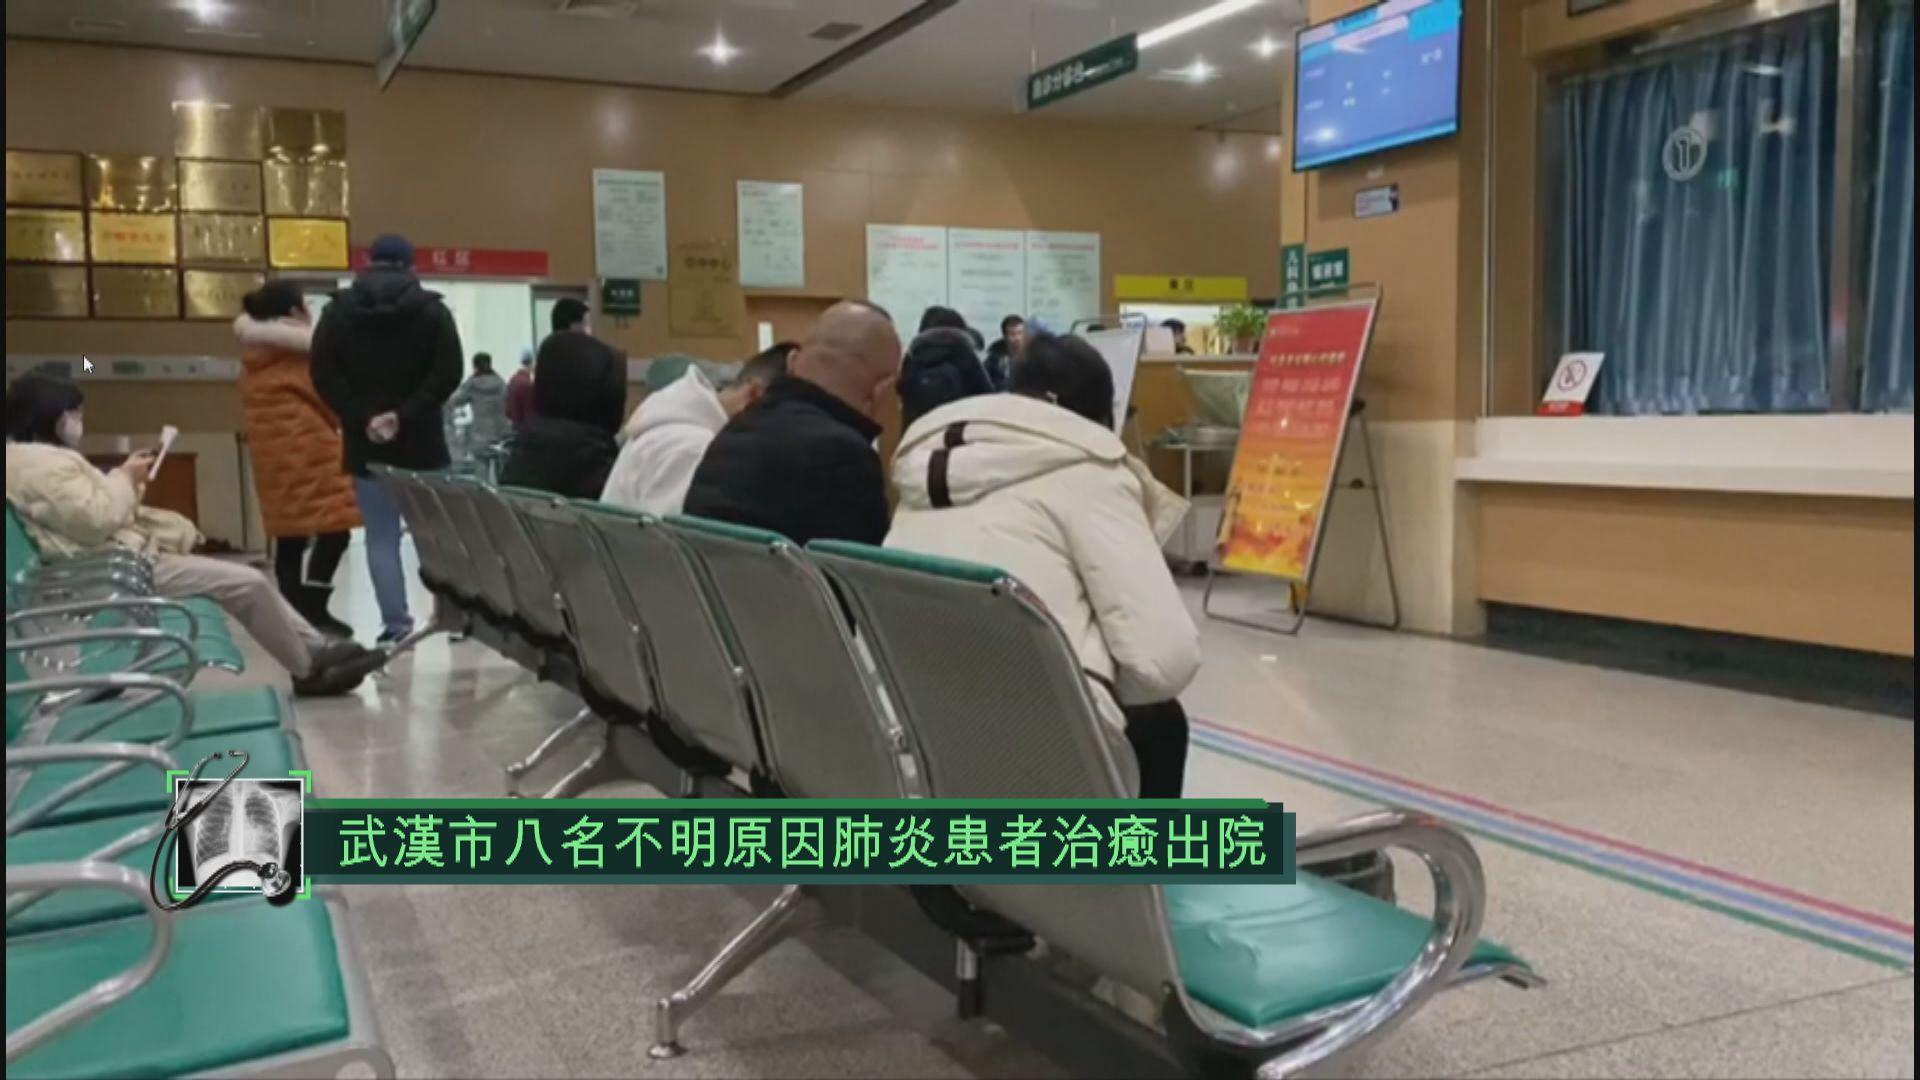 武漢市八名不明原因肺炎患者治癒出院